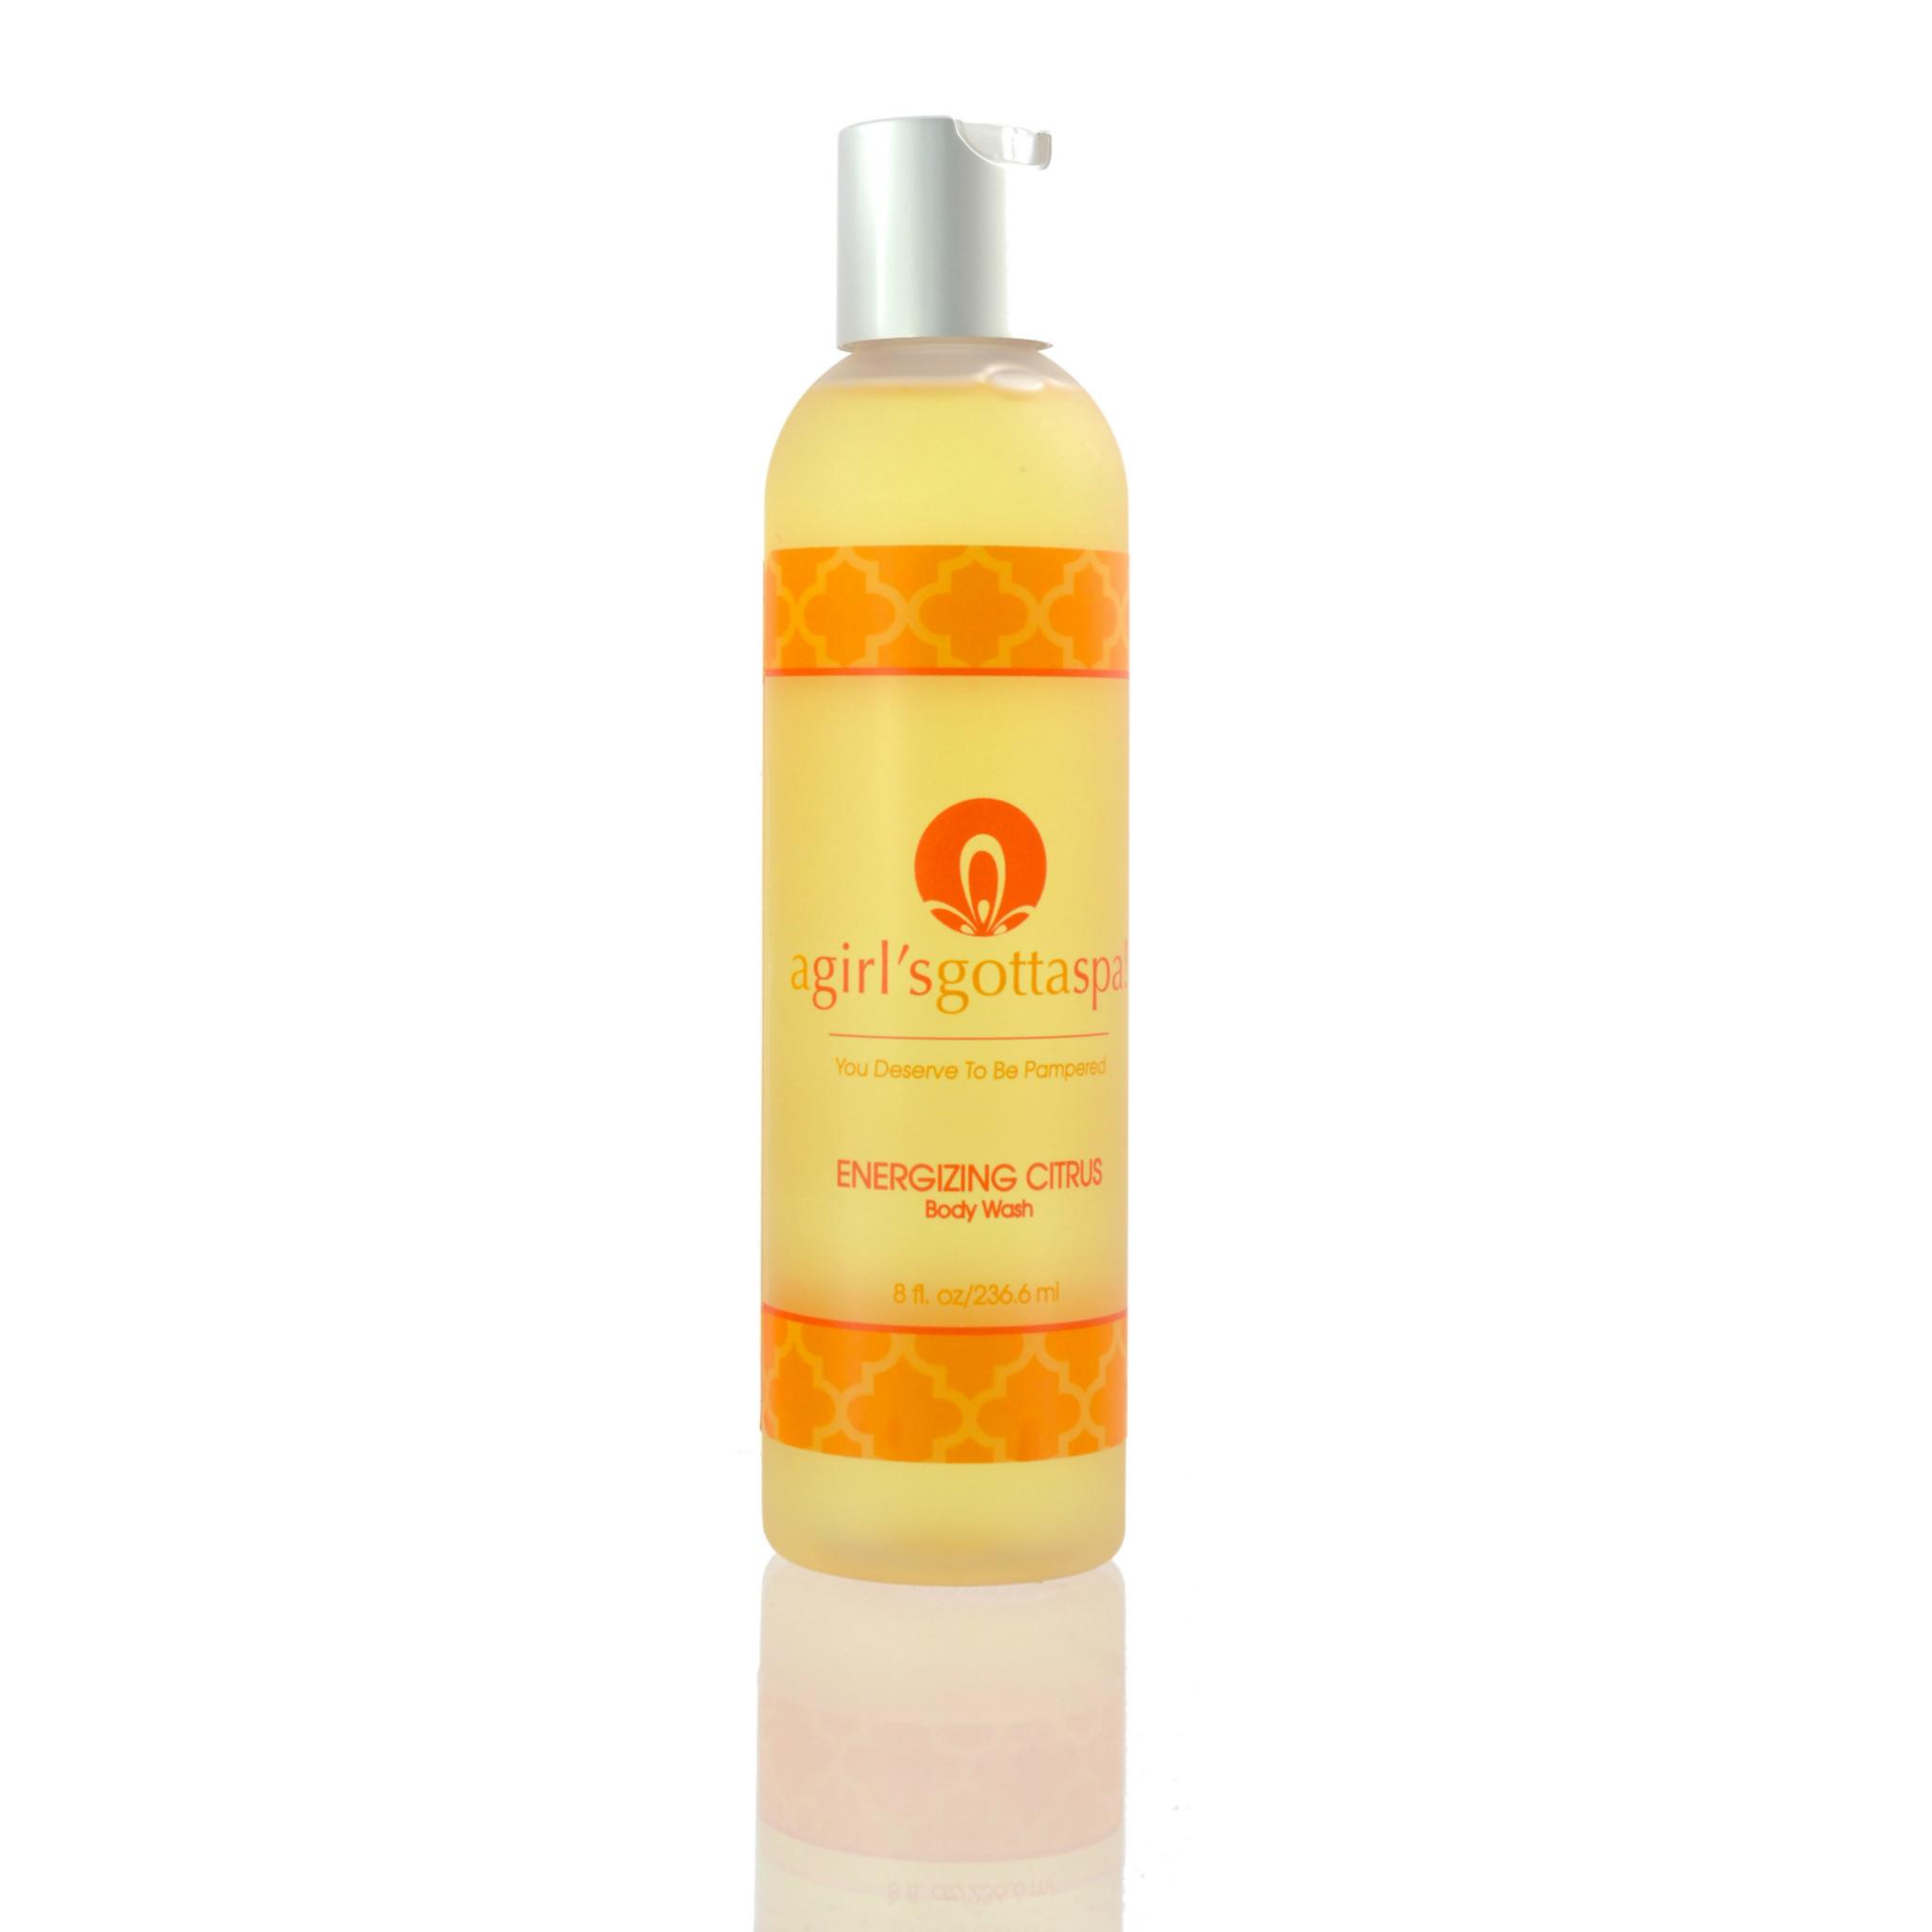 Energizing Citrus Body Wash